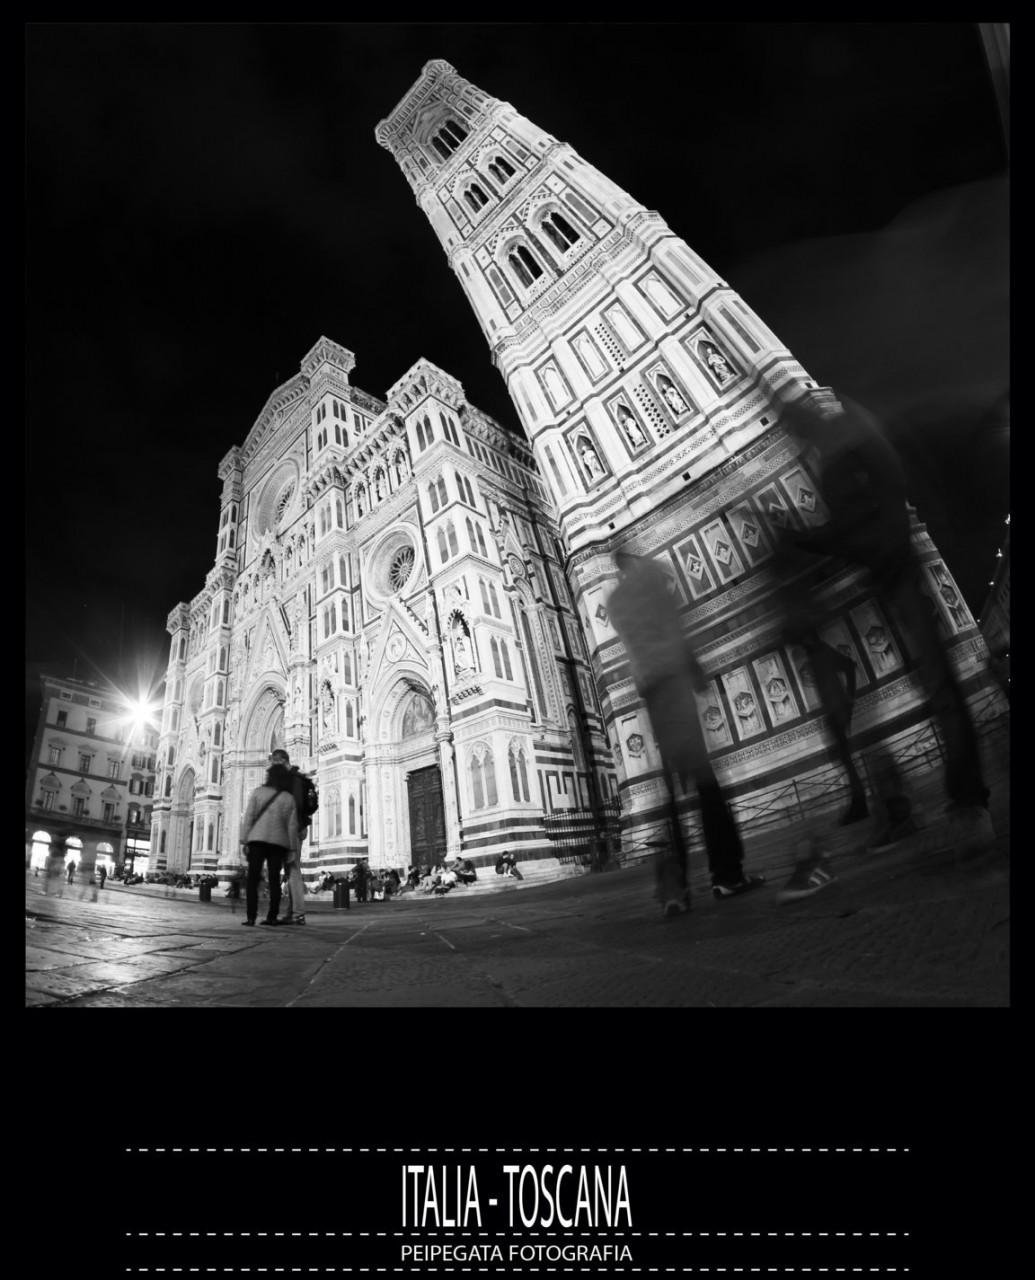 peipegata toscana italia viajes fotografia peipegatafotografia